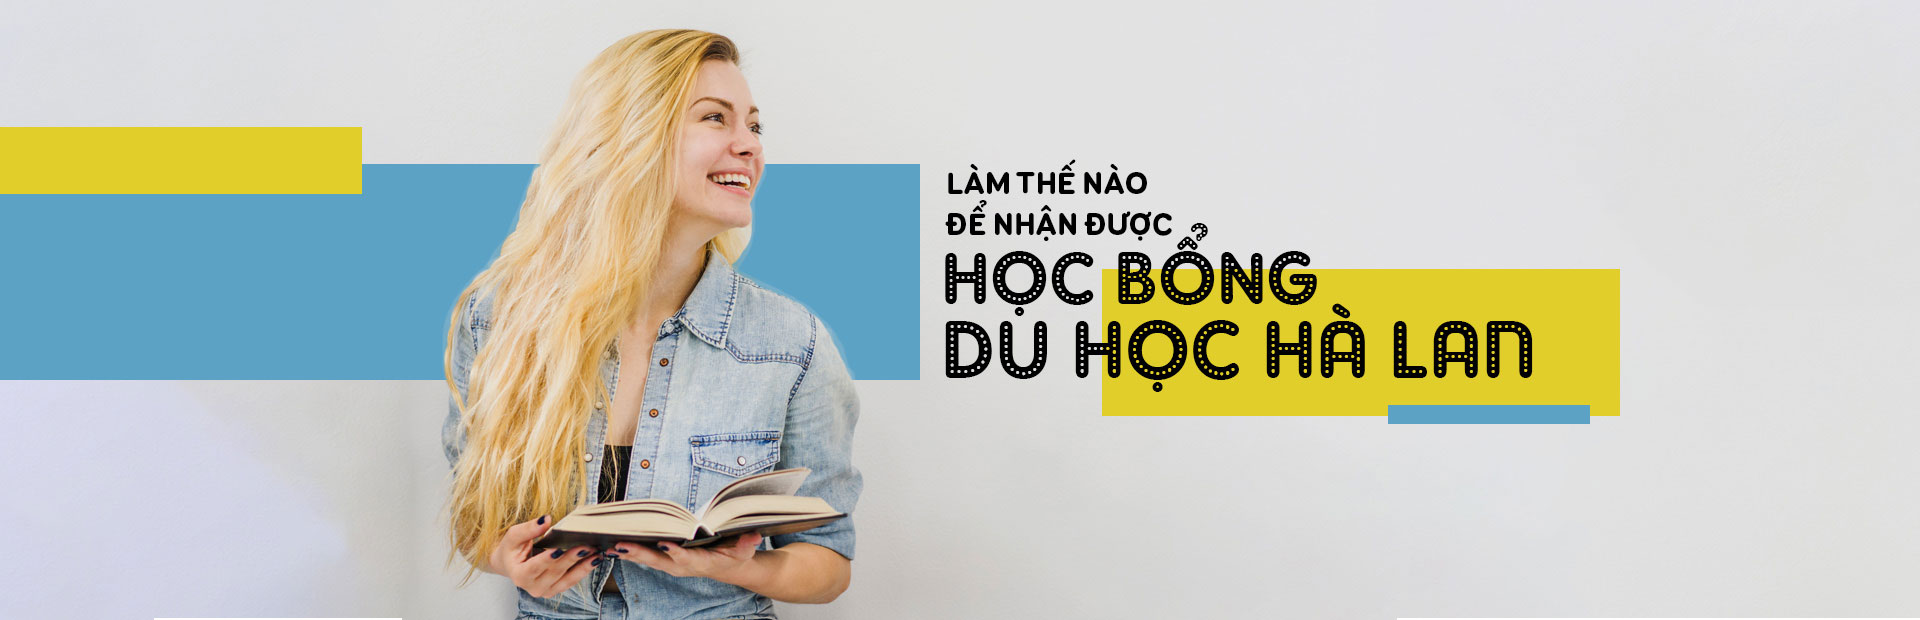 Ha Lan - Hoc bong